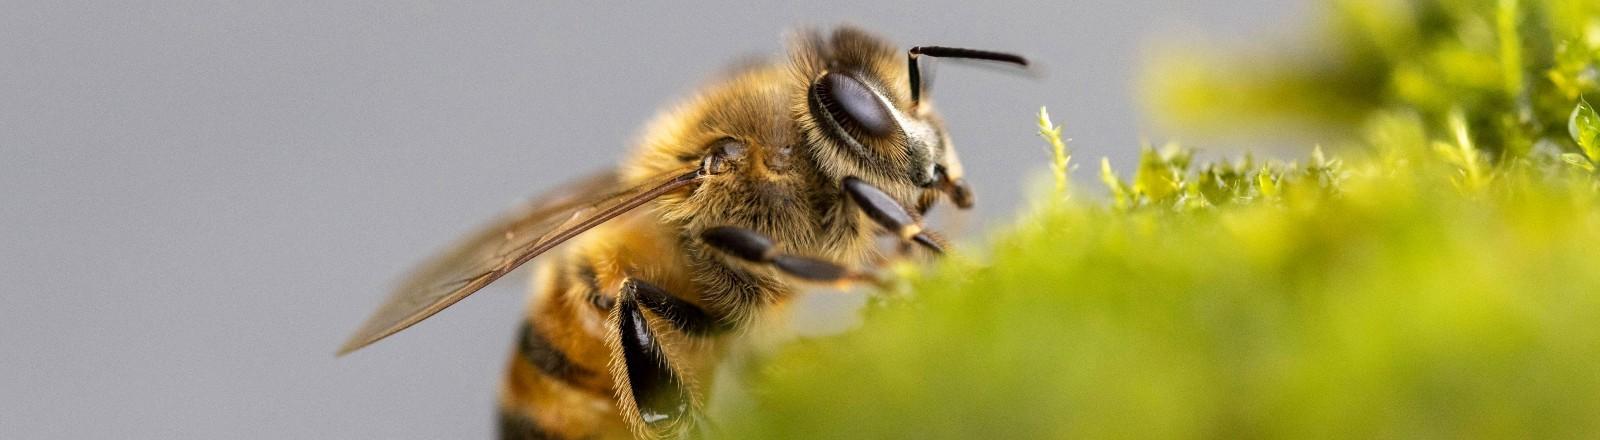 Eine Honigbiene sammelt Flüssigkeit ein.